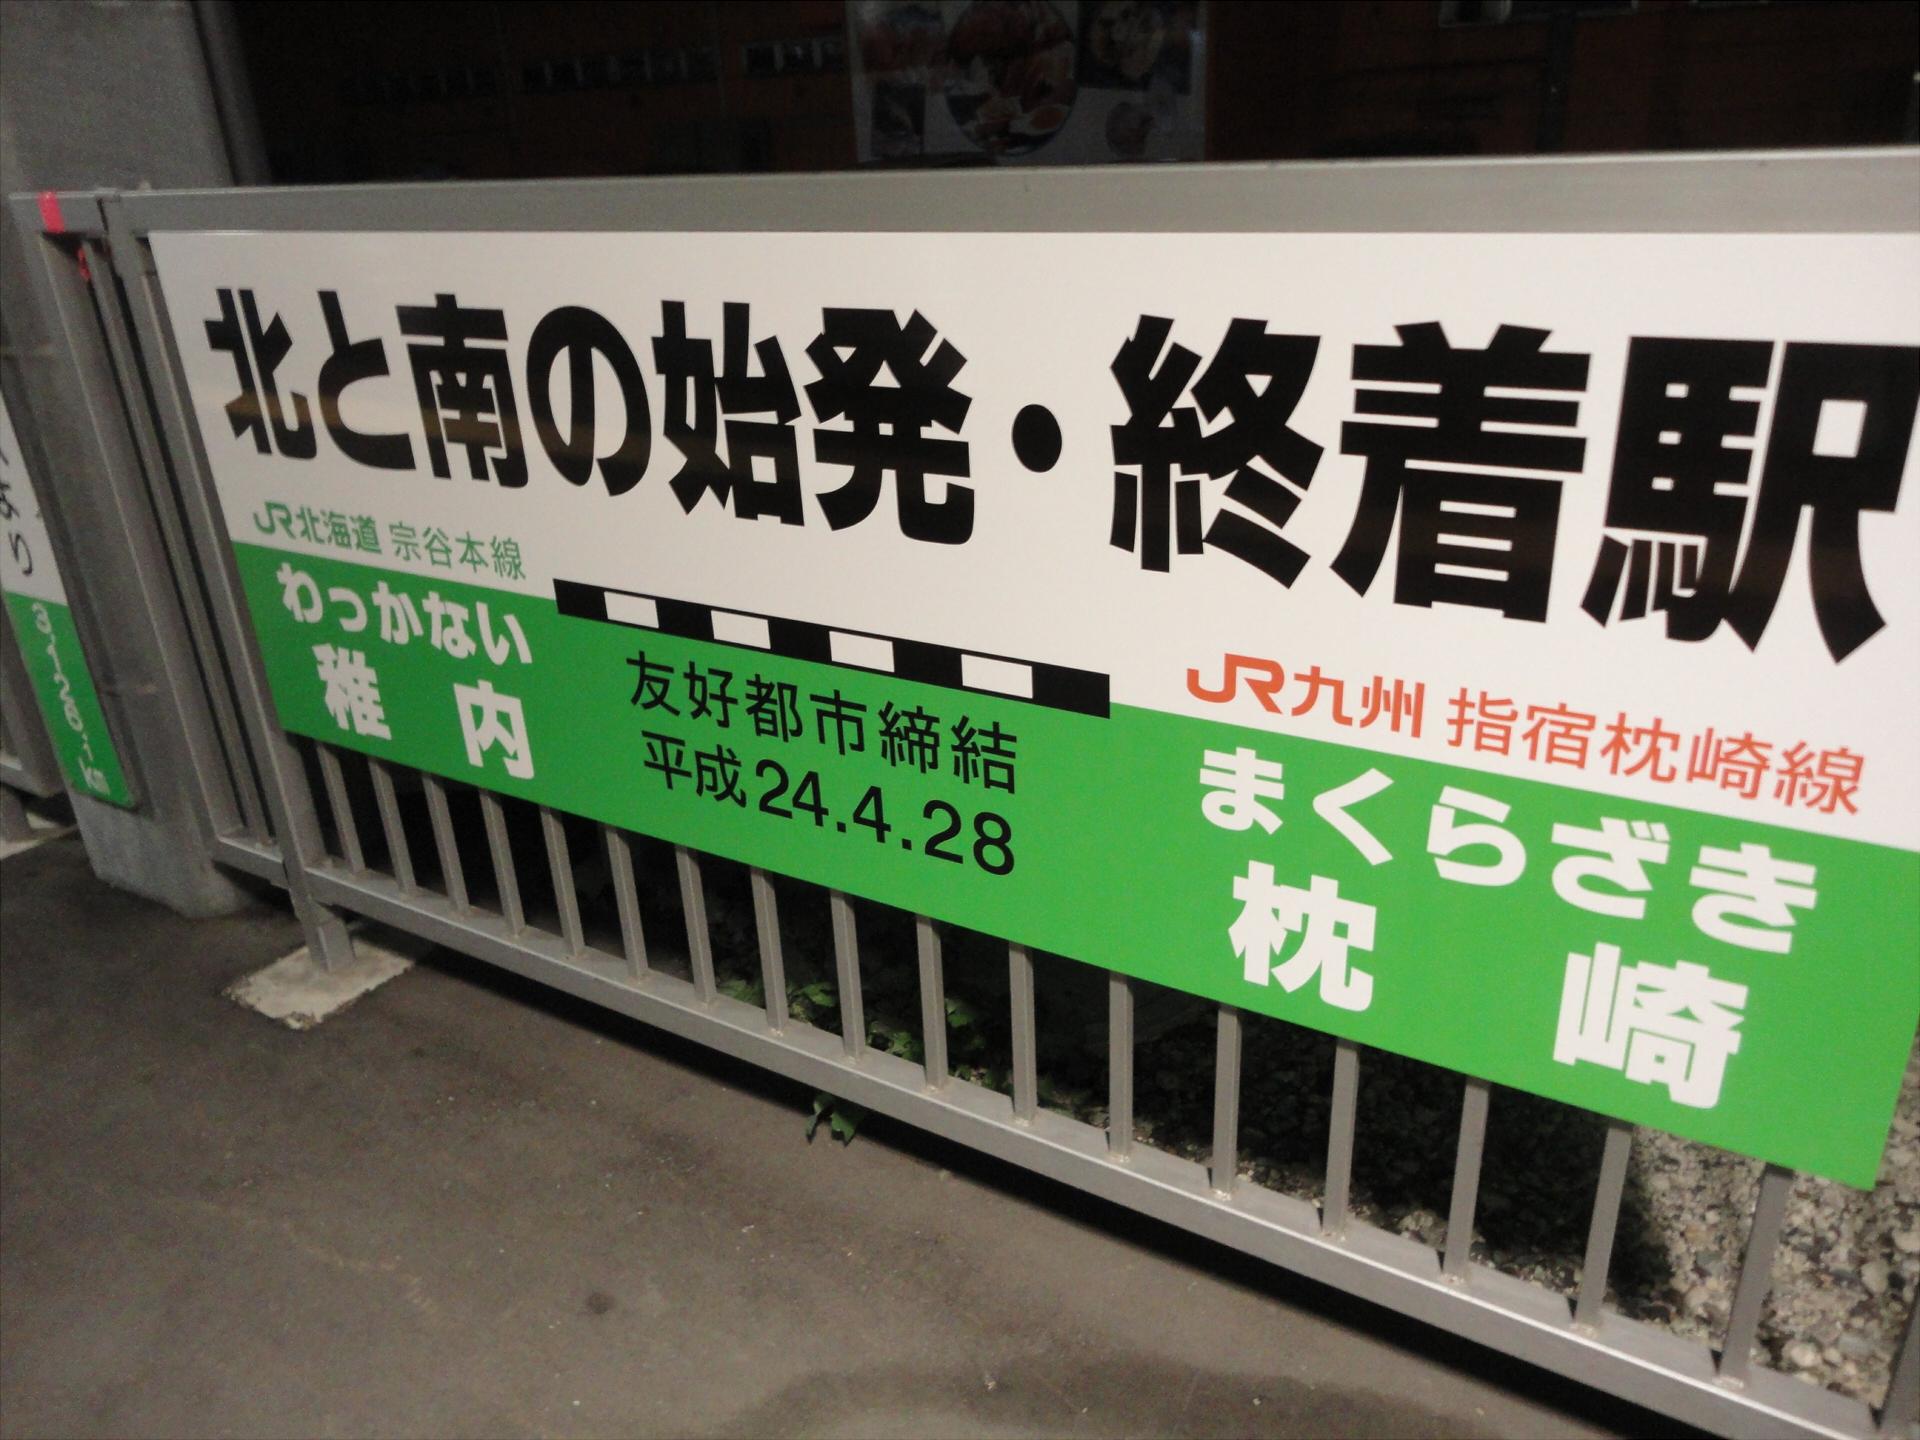 【画像】「北と南の始発・終着駅」の看板(稚内駅ホームにて)